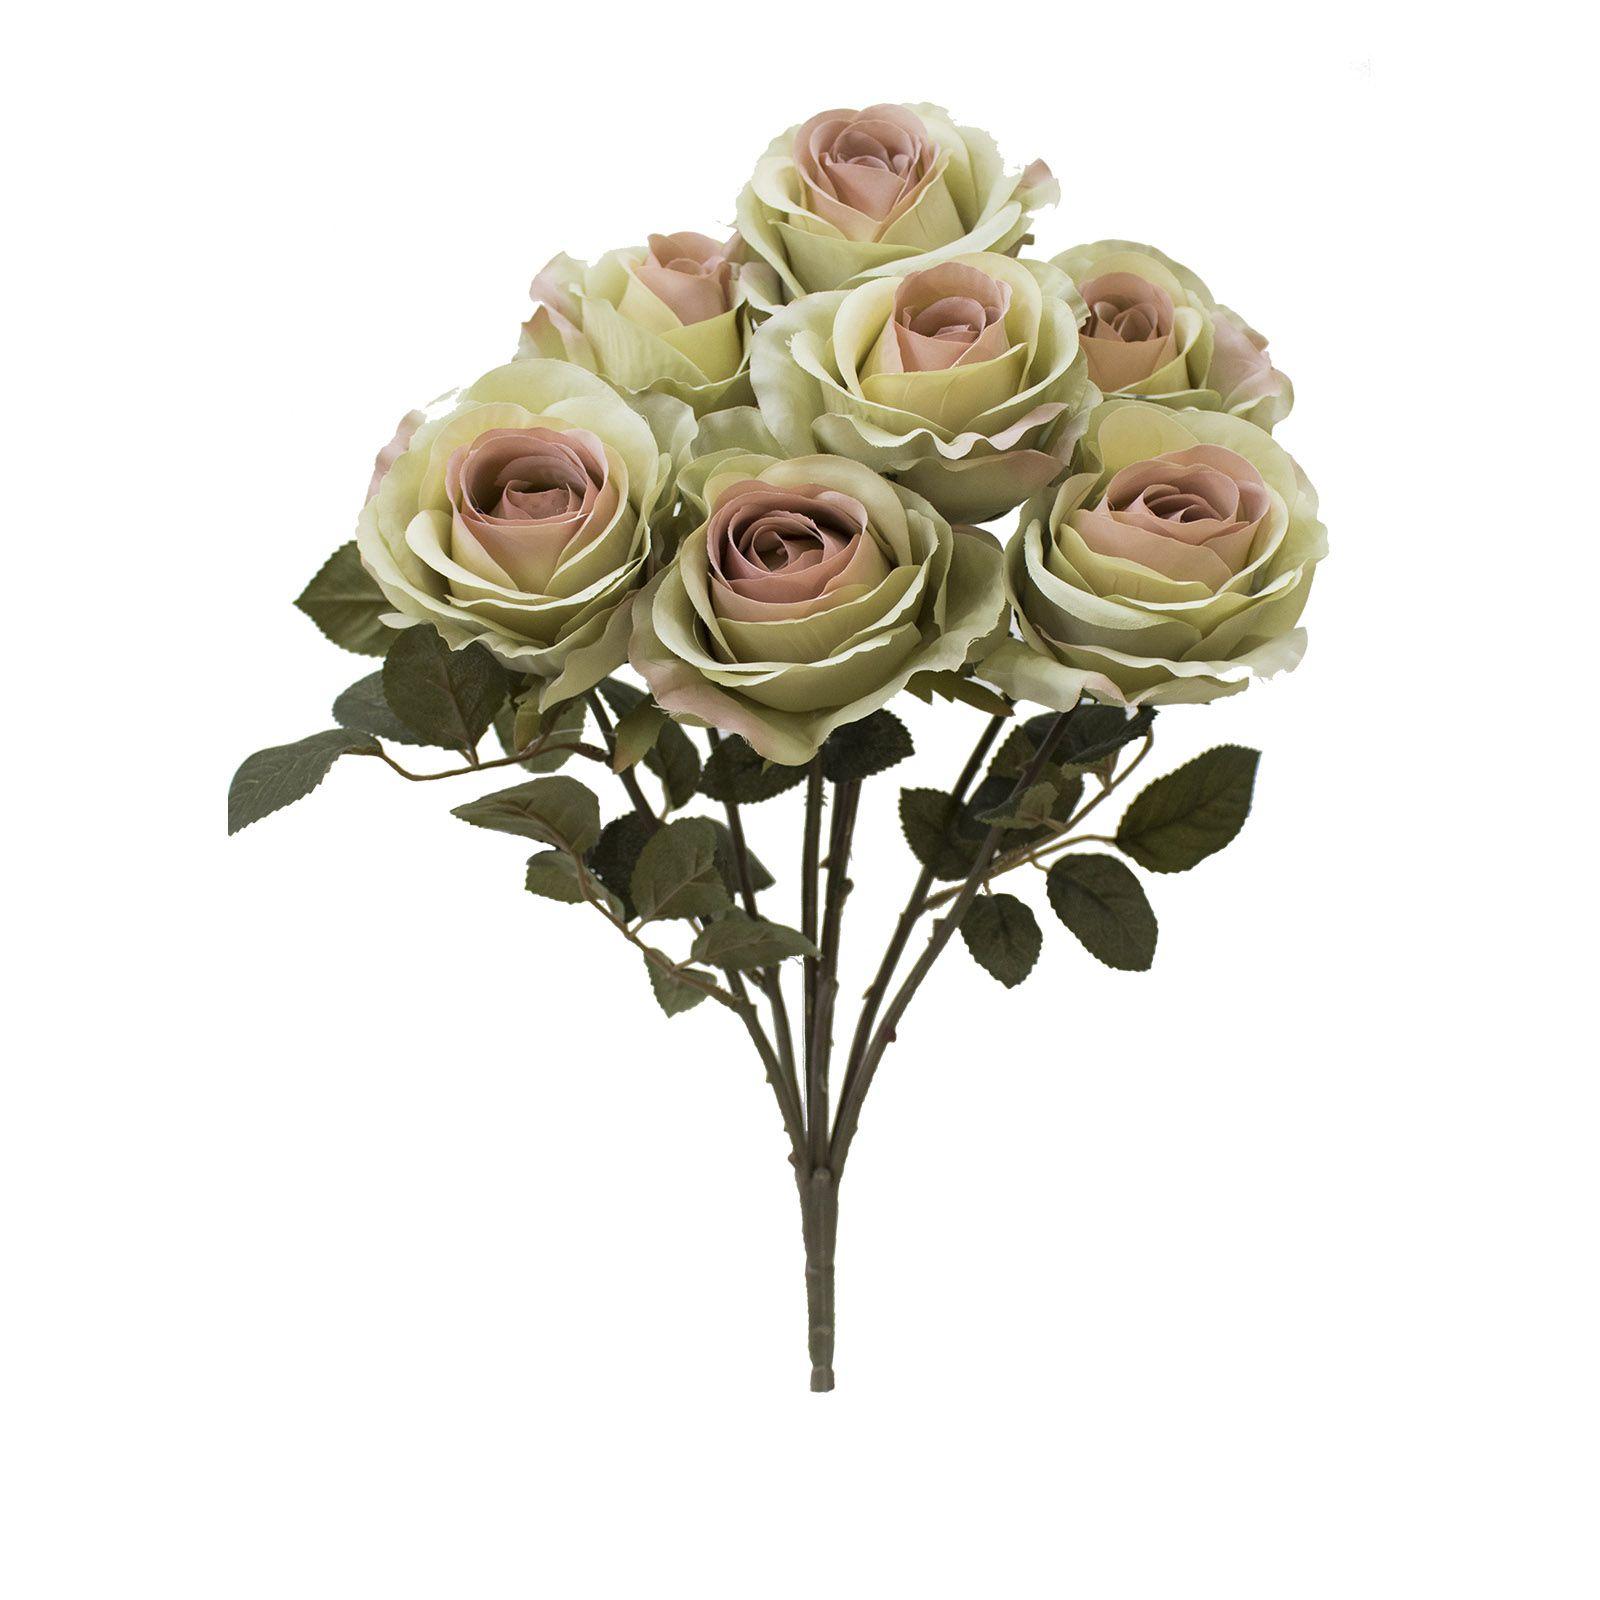 Buquê Artificial de Rosas Envelhecidas Amarelo | Linha permanente Formosinha